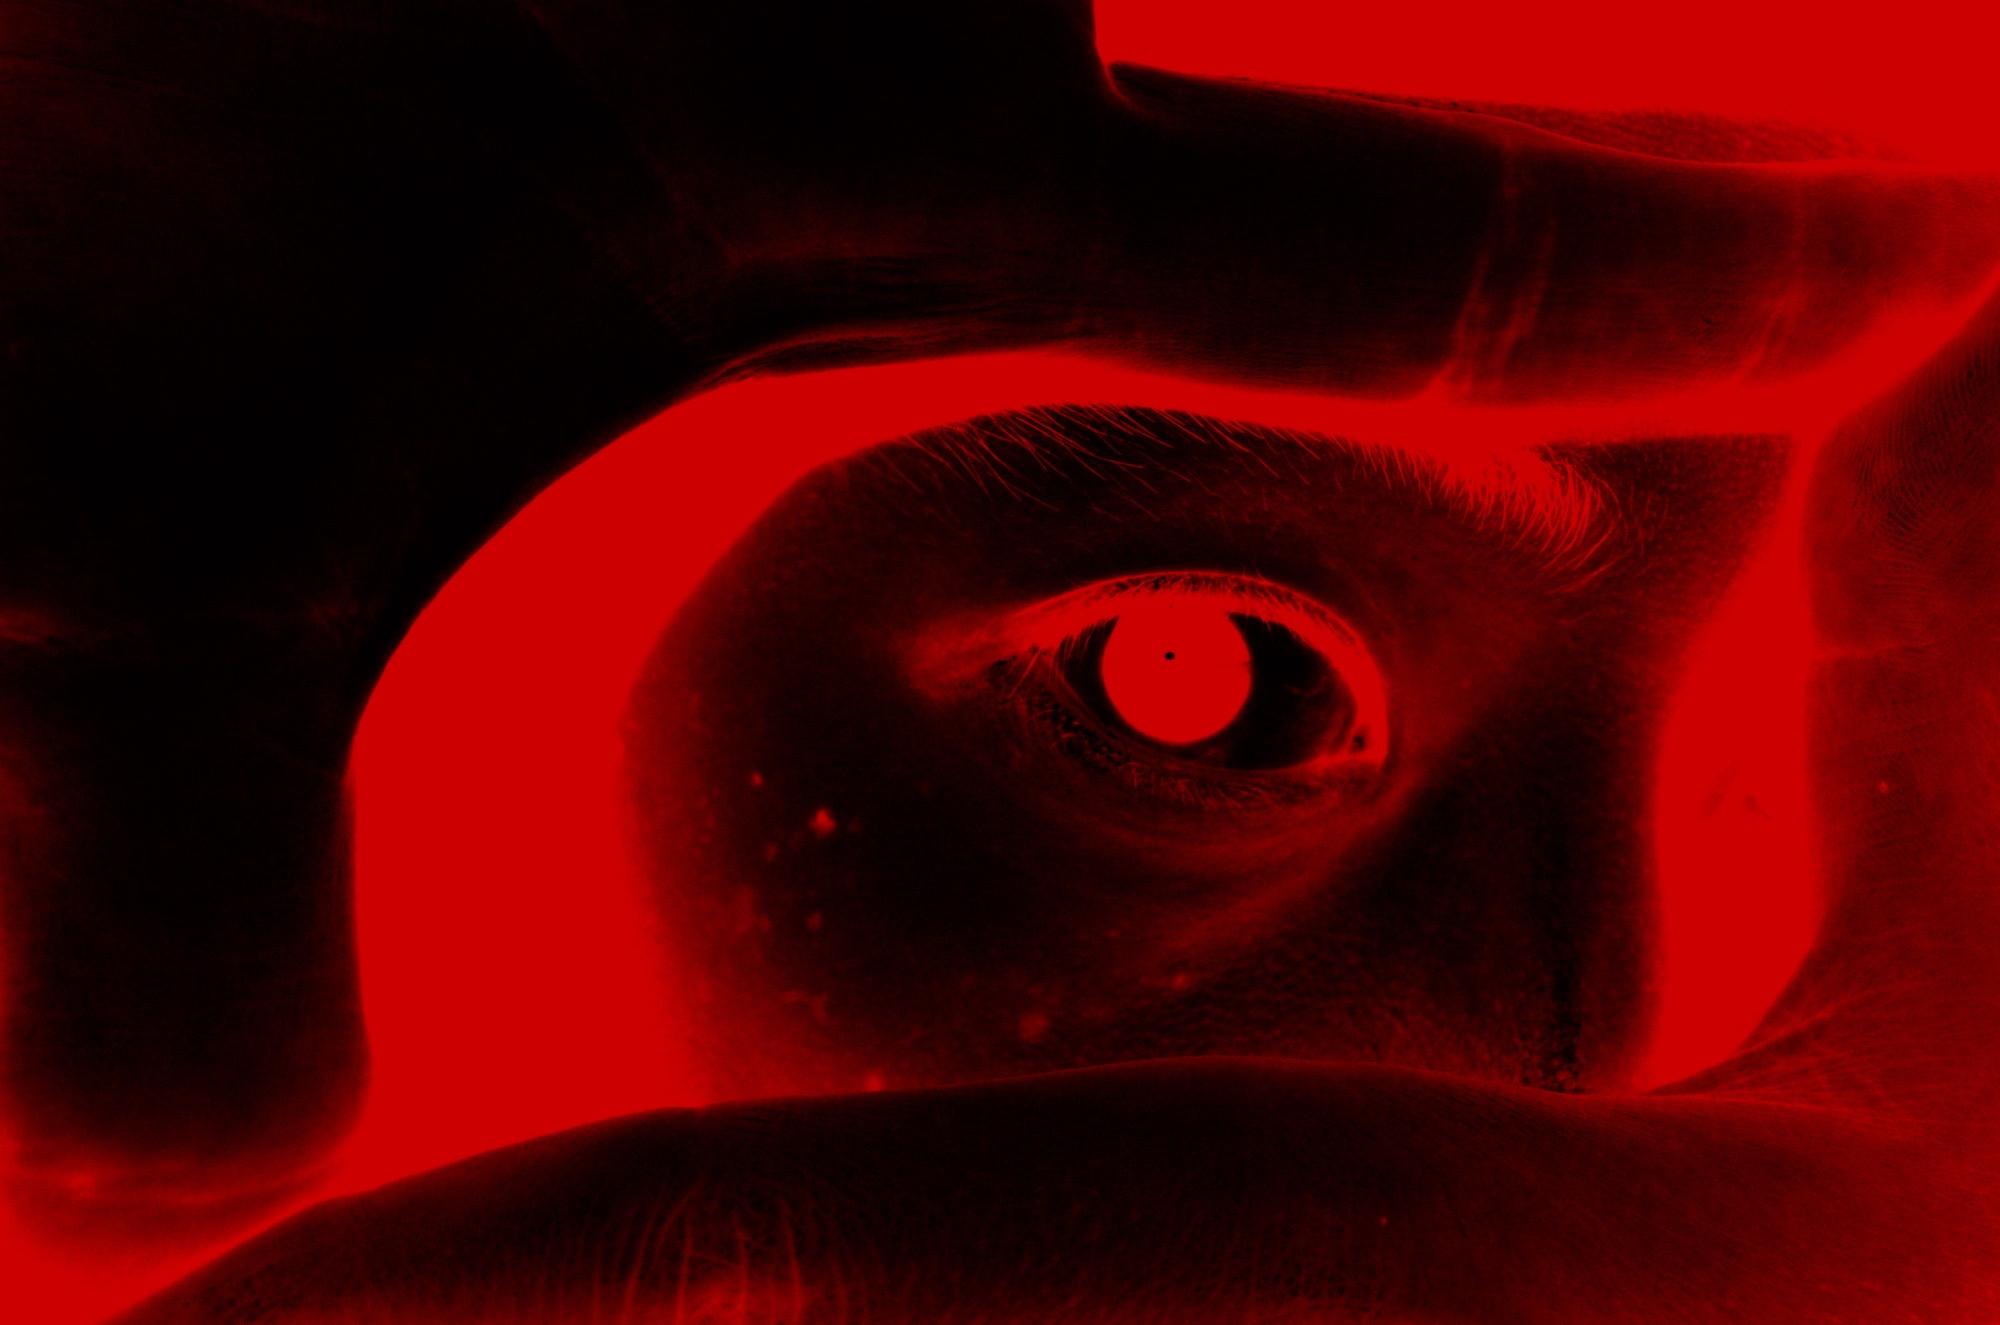 Red eye eric selfie